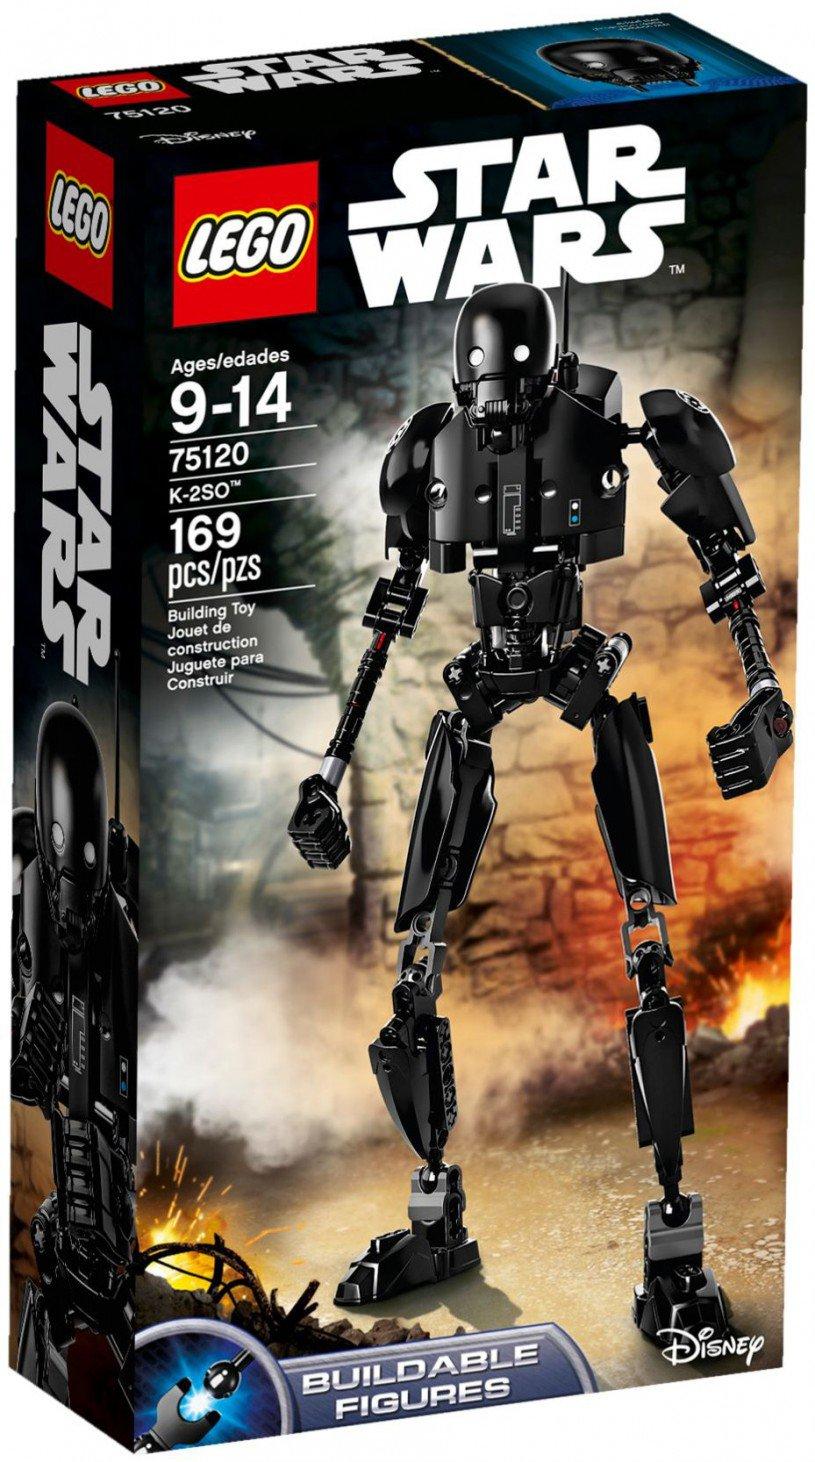 LEGO Star Wars K-2SO 75120